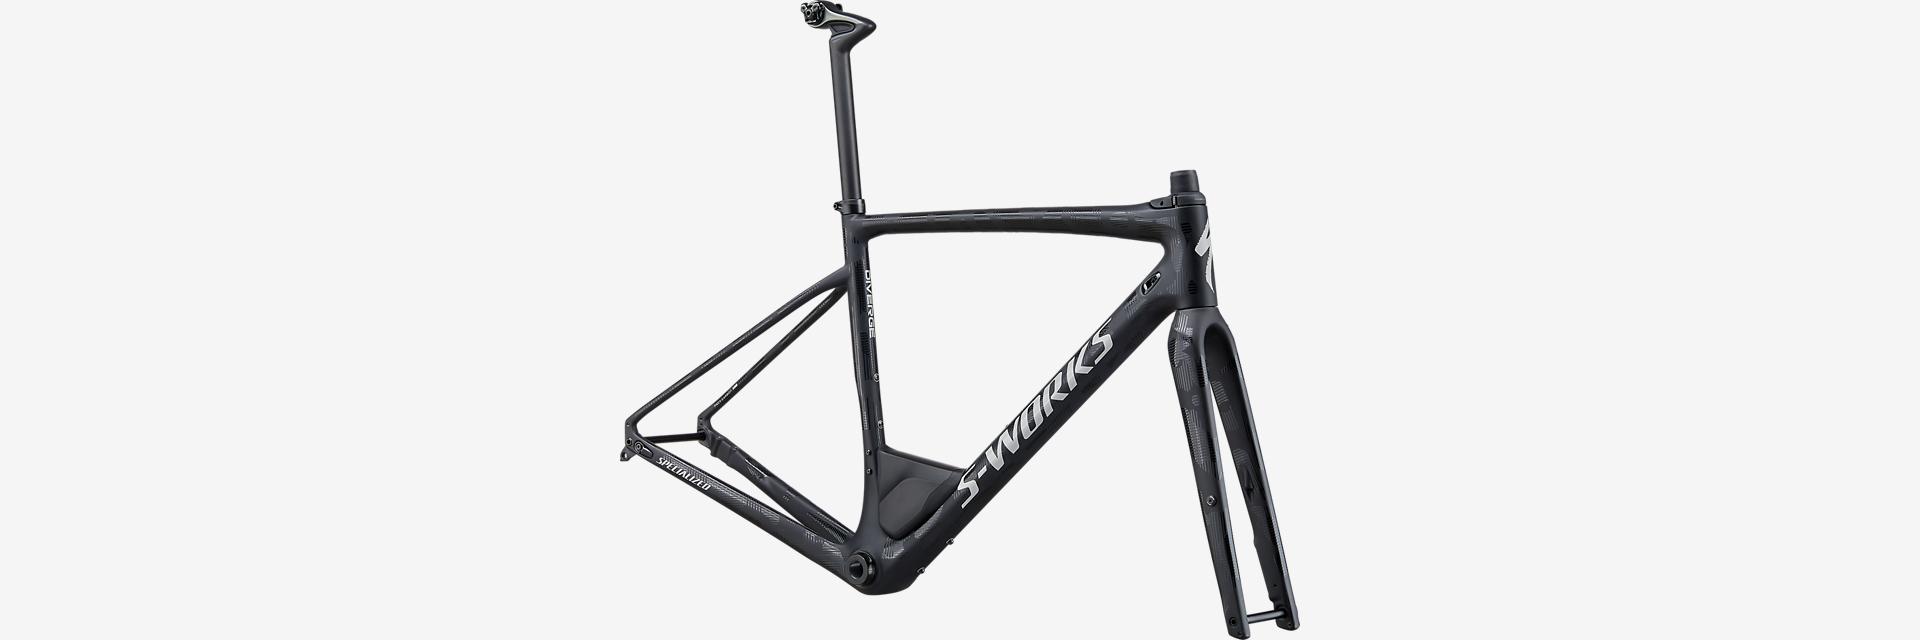 Specialized-Sworks-Diverge-All-Bikes-Putte-Ludwig-Wynants-racefietsen-elektrische-fietsen-mountainbikes-koersfiets-kopen-herstellingen